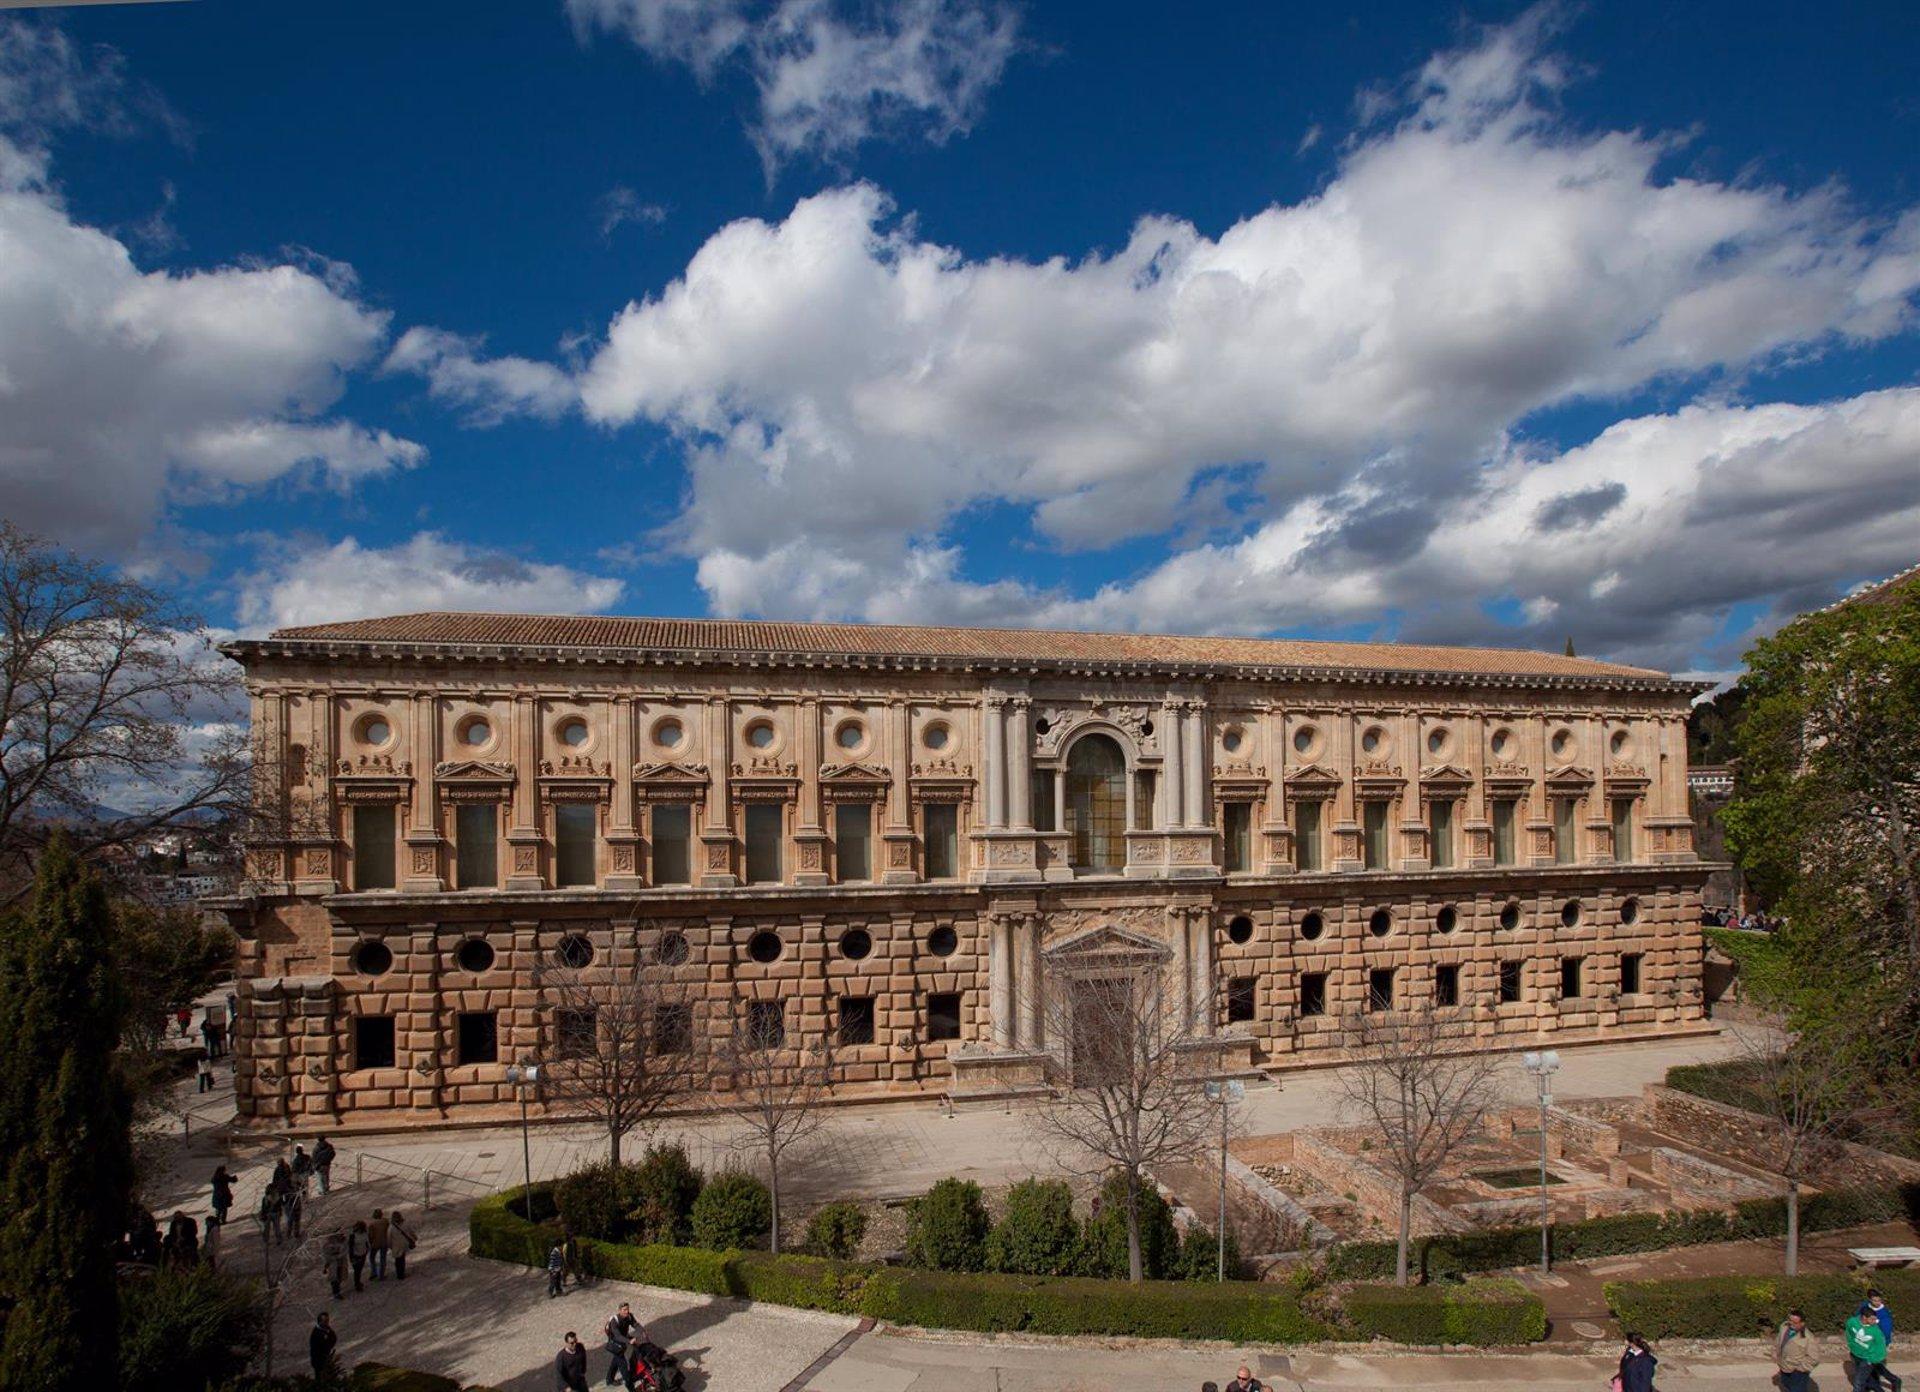 Un curso de verano analizará en la Alhambra la música y las artes de los siglos XX y XXI